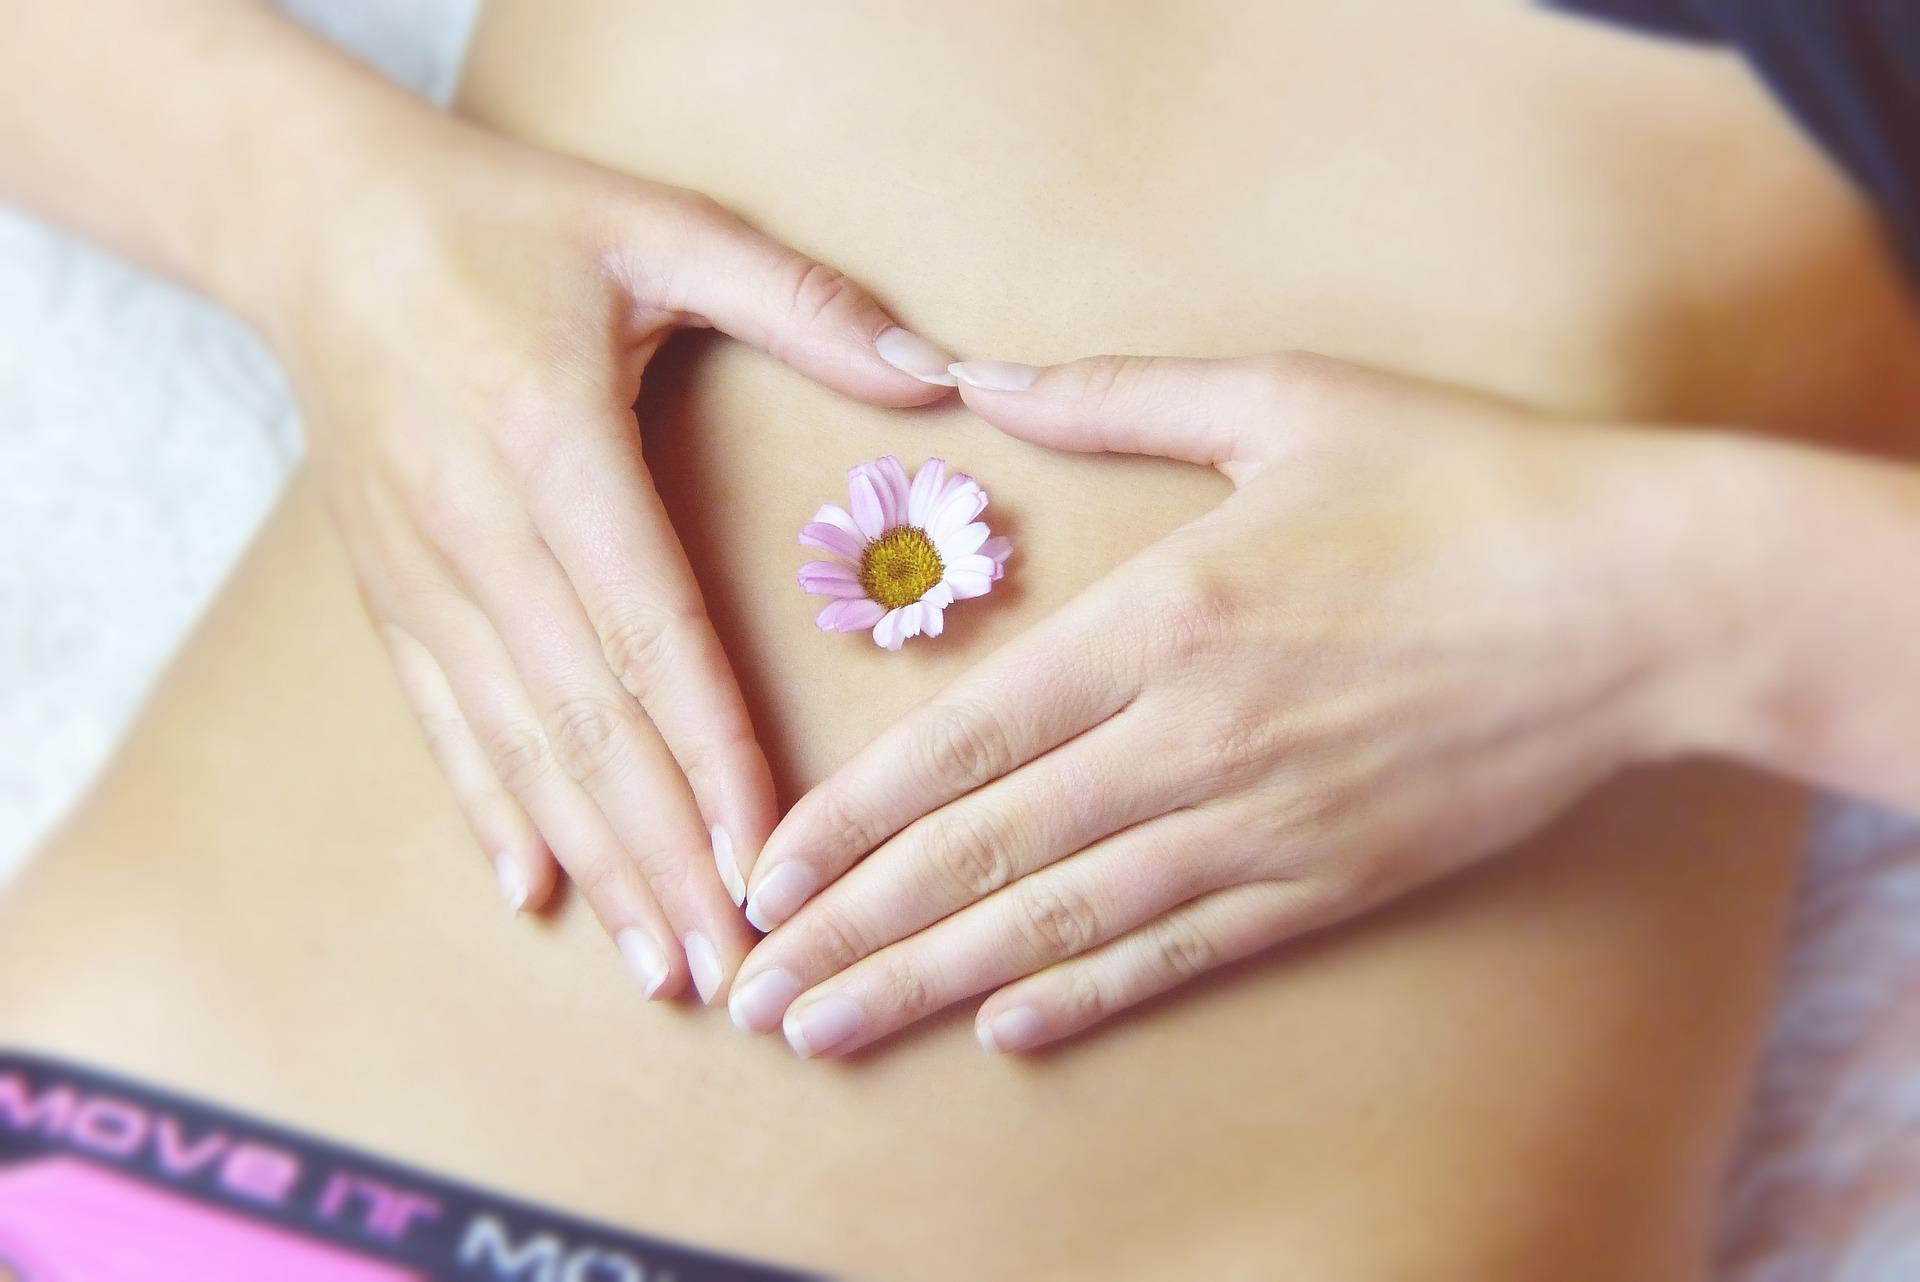 علاجات منزلية لآلام الدورة الشهرية